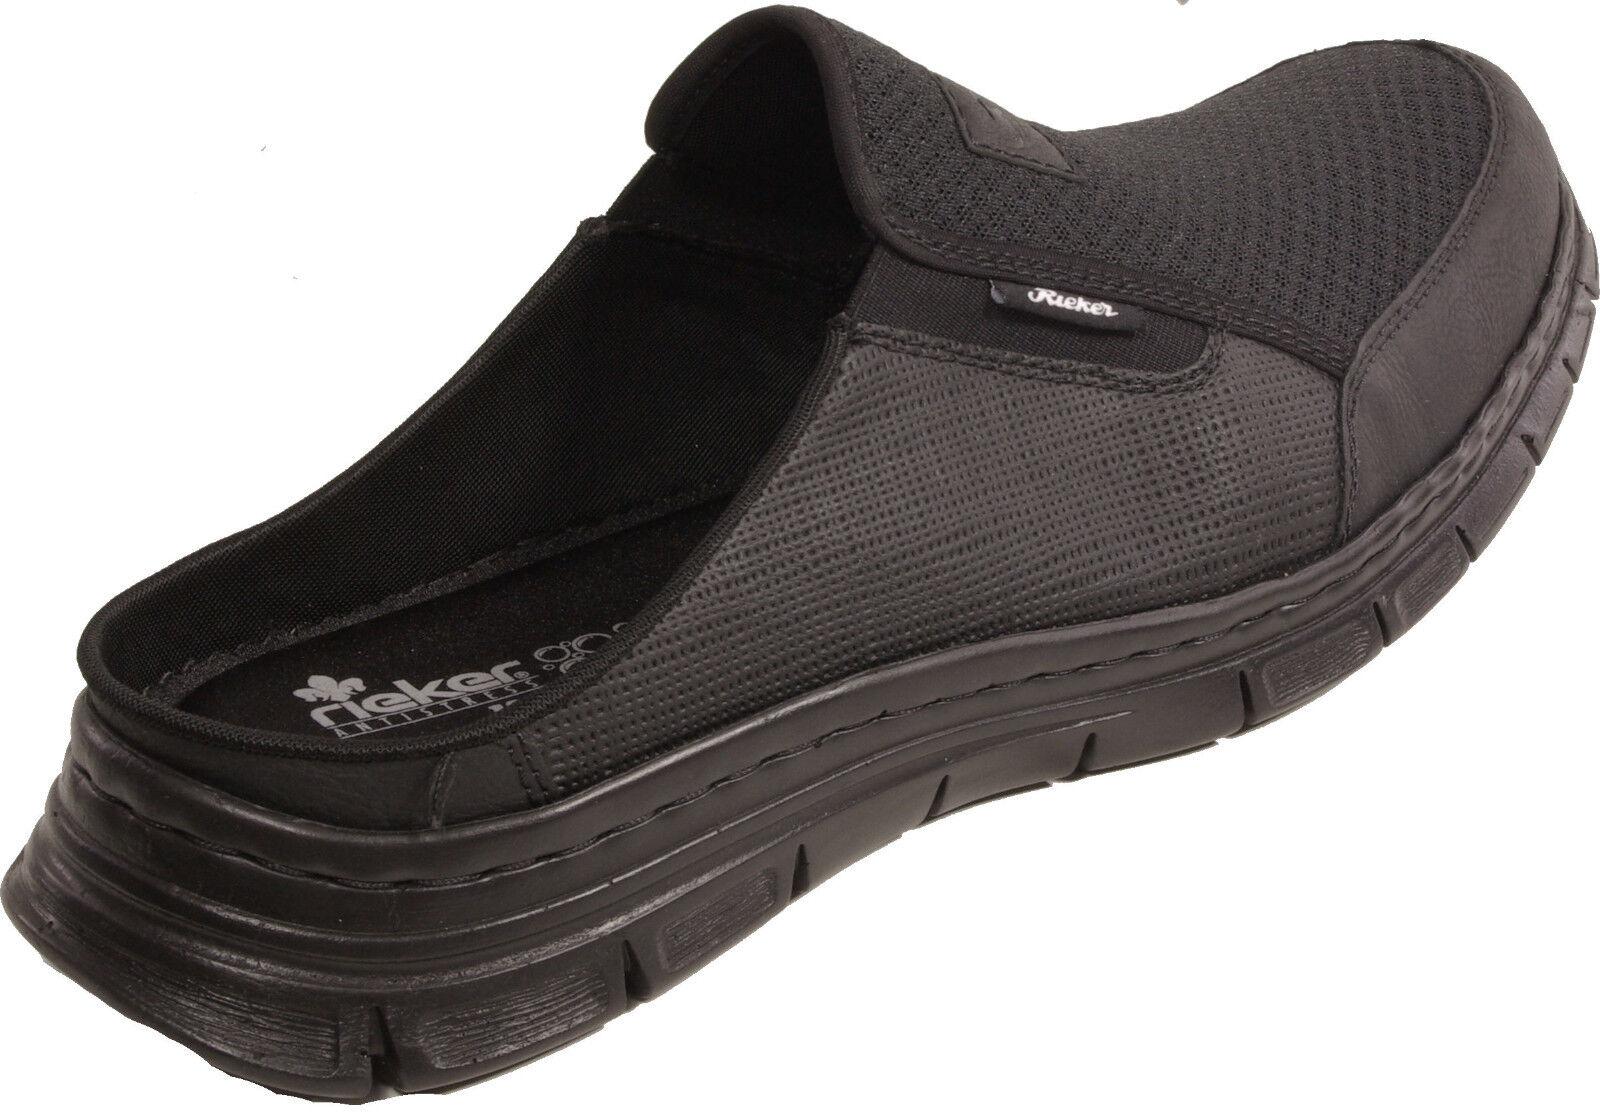 RIEKER Schuhe schwarz Pantoletten Clogs Hausschuhe schwarz Schuhe Weichbettung  NEU 1b7de7